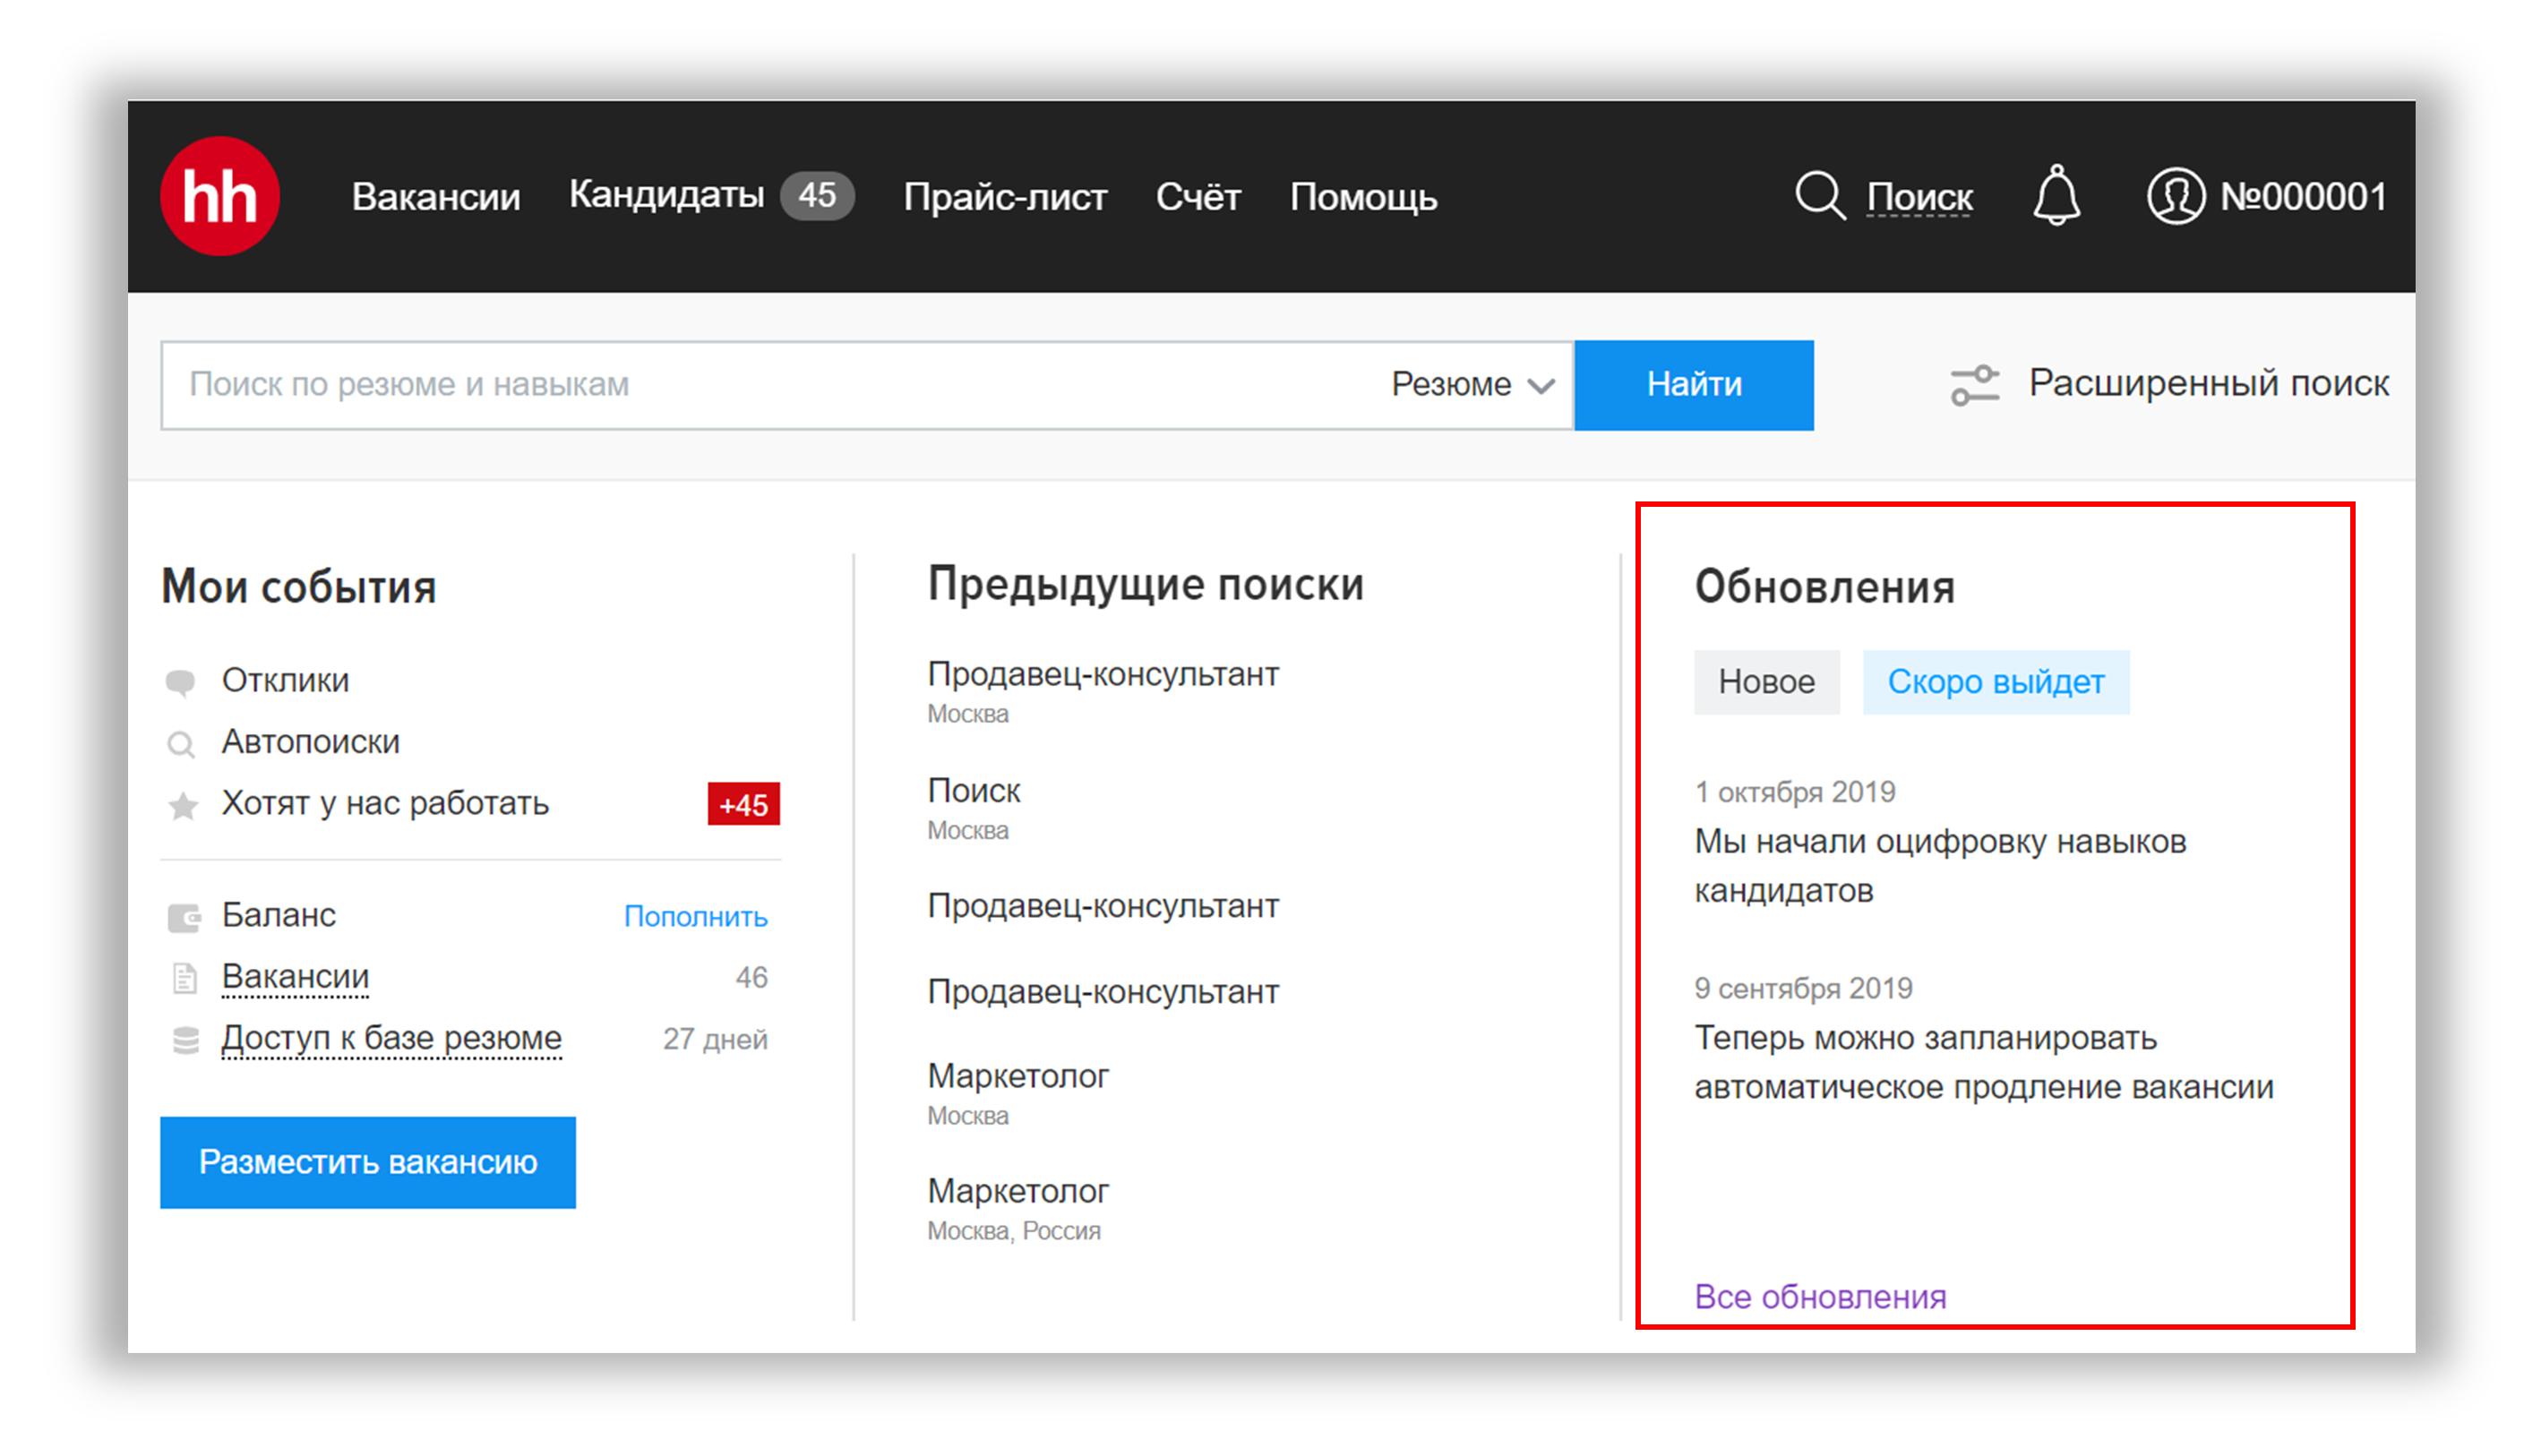 Главное на главной: лента обновлений hh.ru в личном кабинете